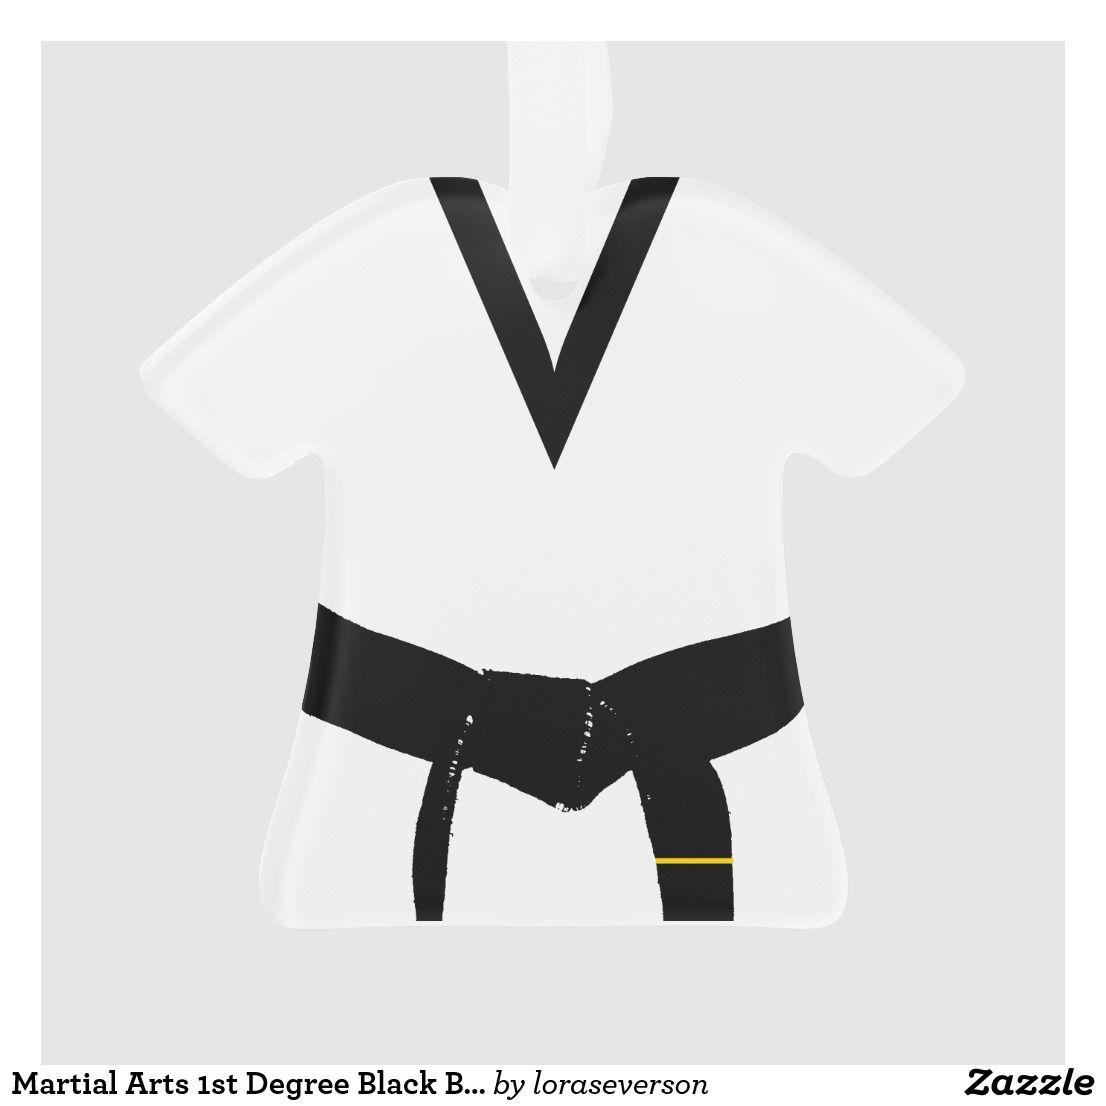 Martial Arts 1st Degree Black Belt Uniform Ornament Zazzle Com Black Belt Uniform Black Belt Martial Arts Black Belt